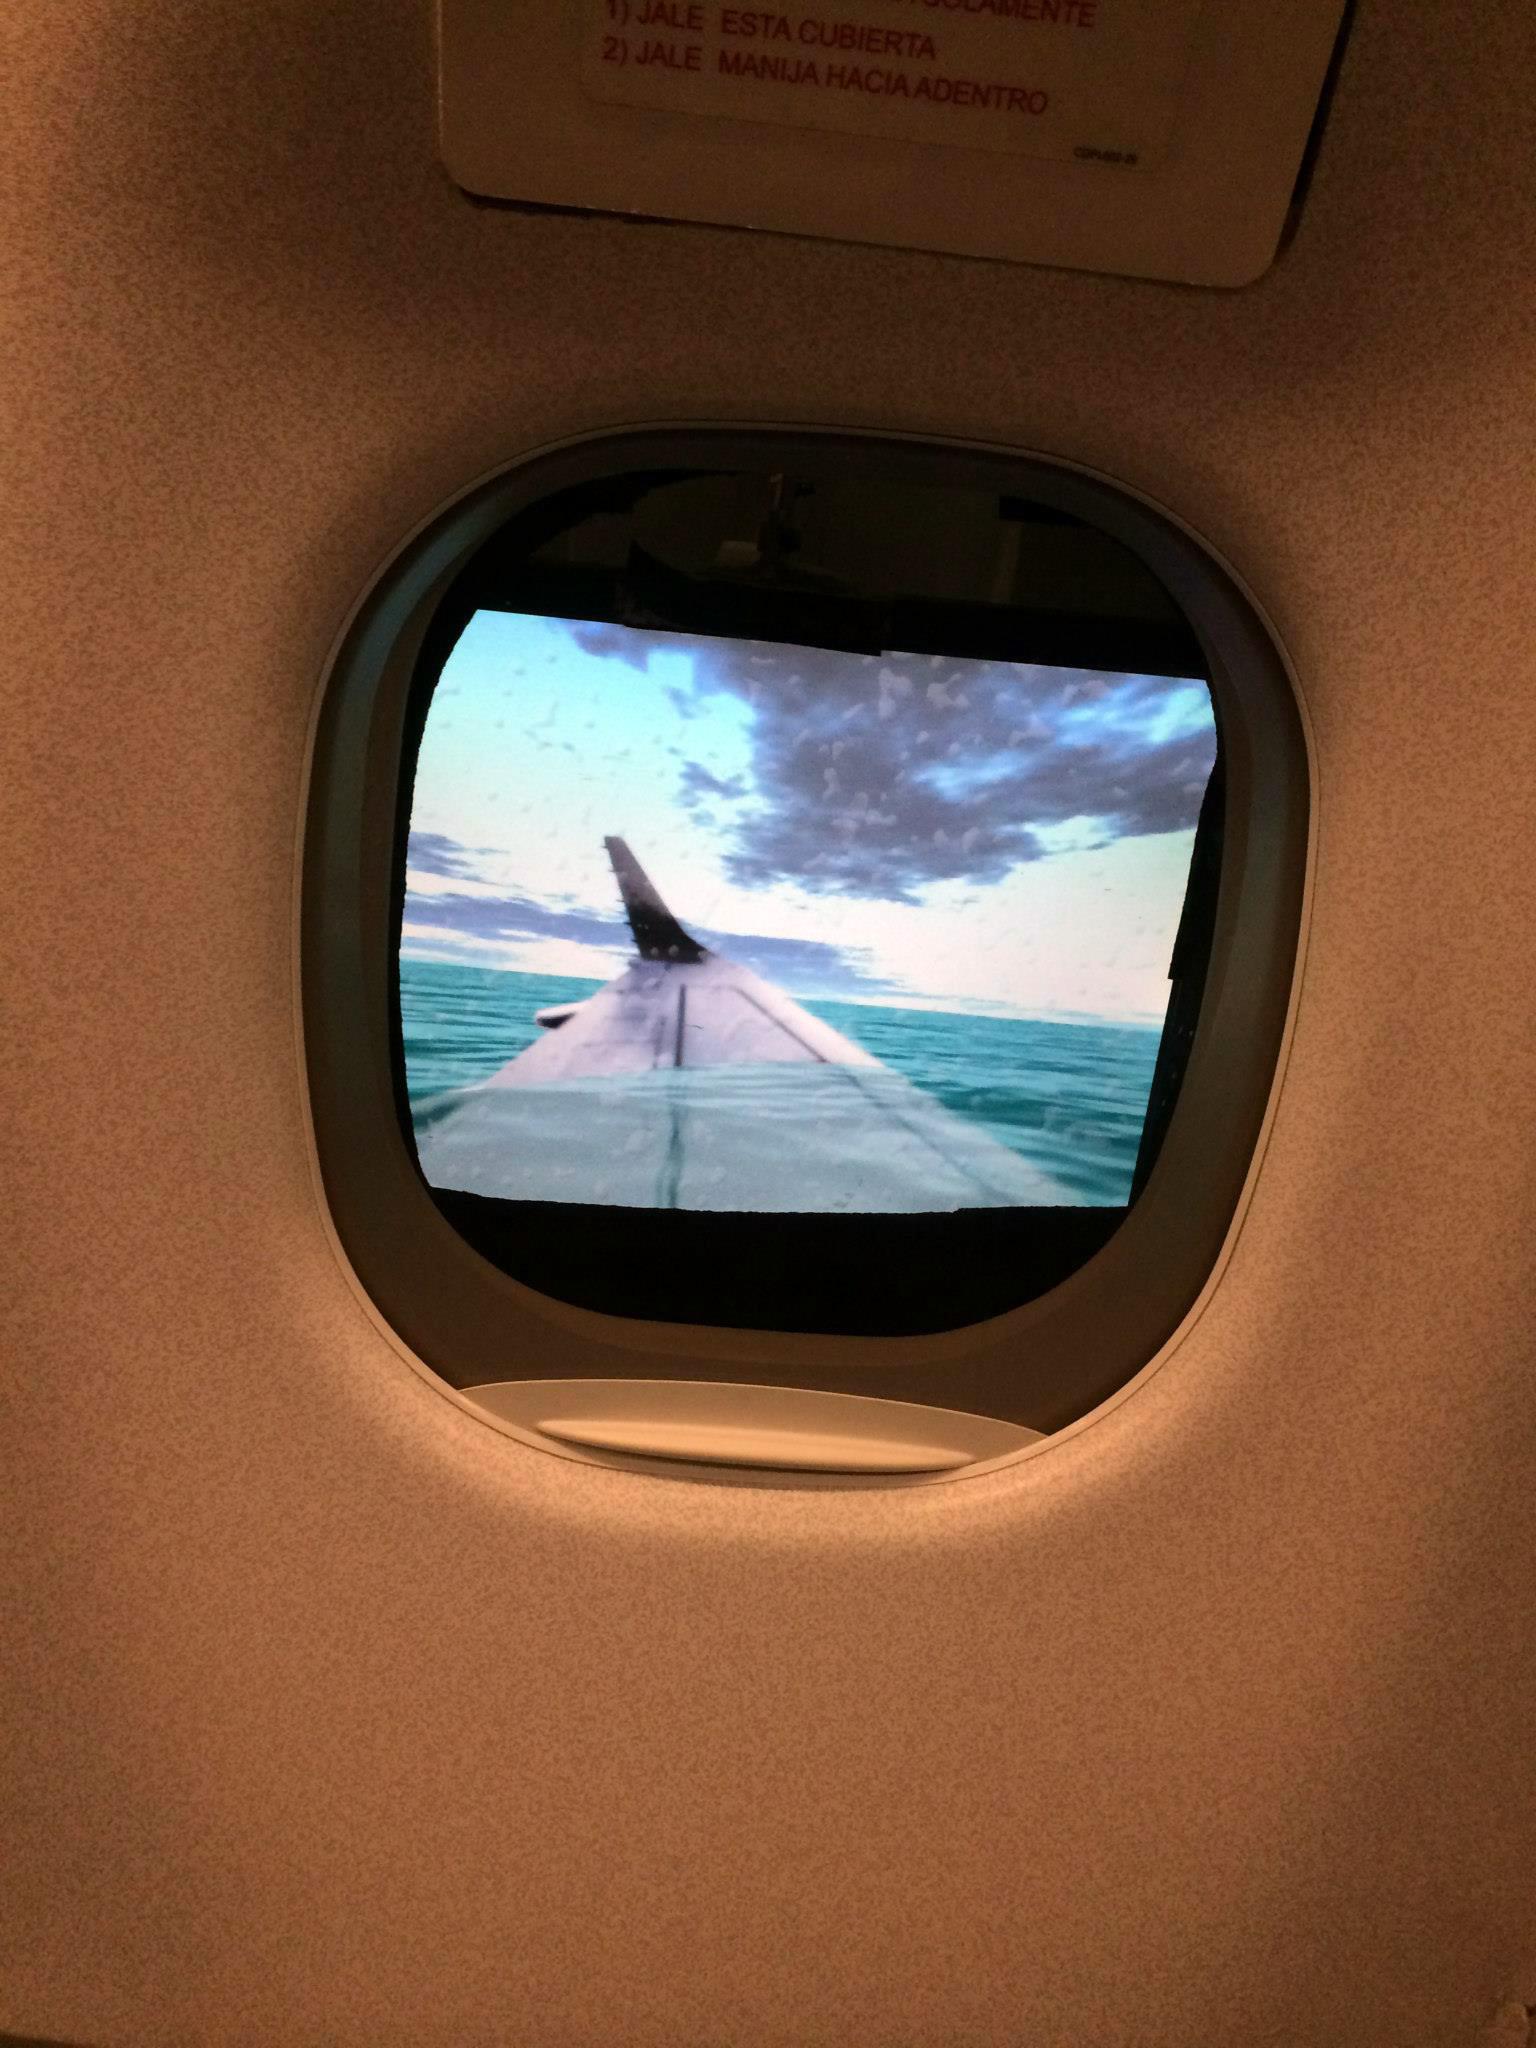 Flight Attendant JumpStart image 21